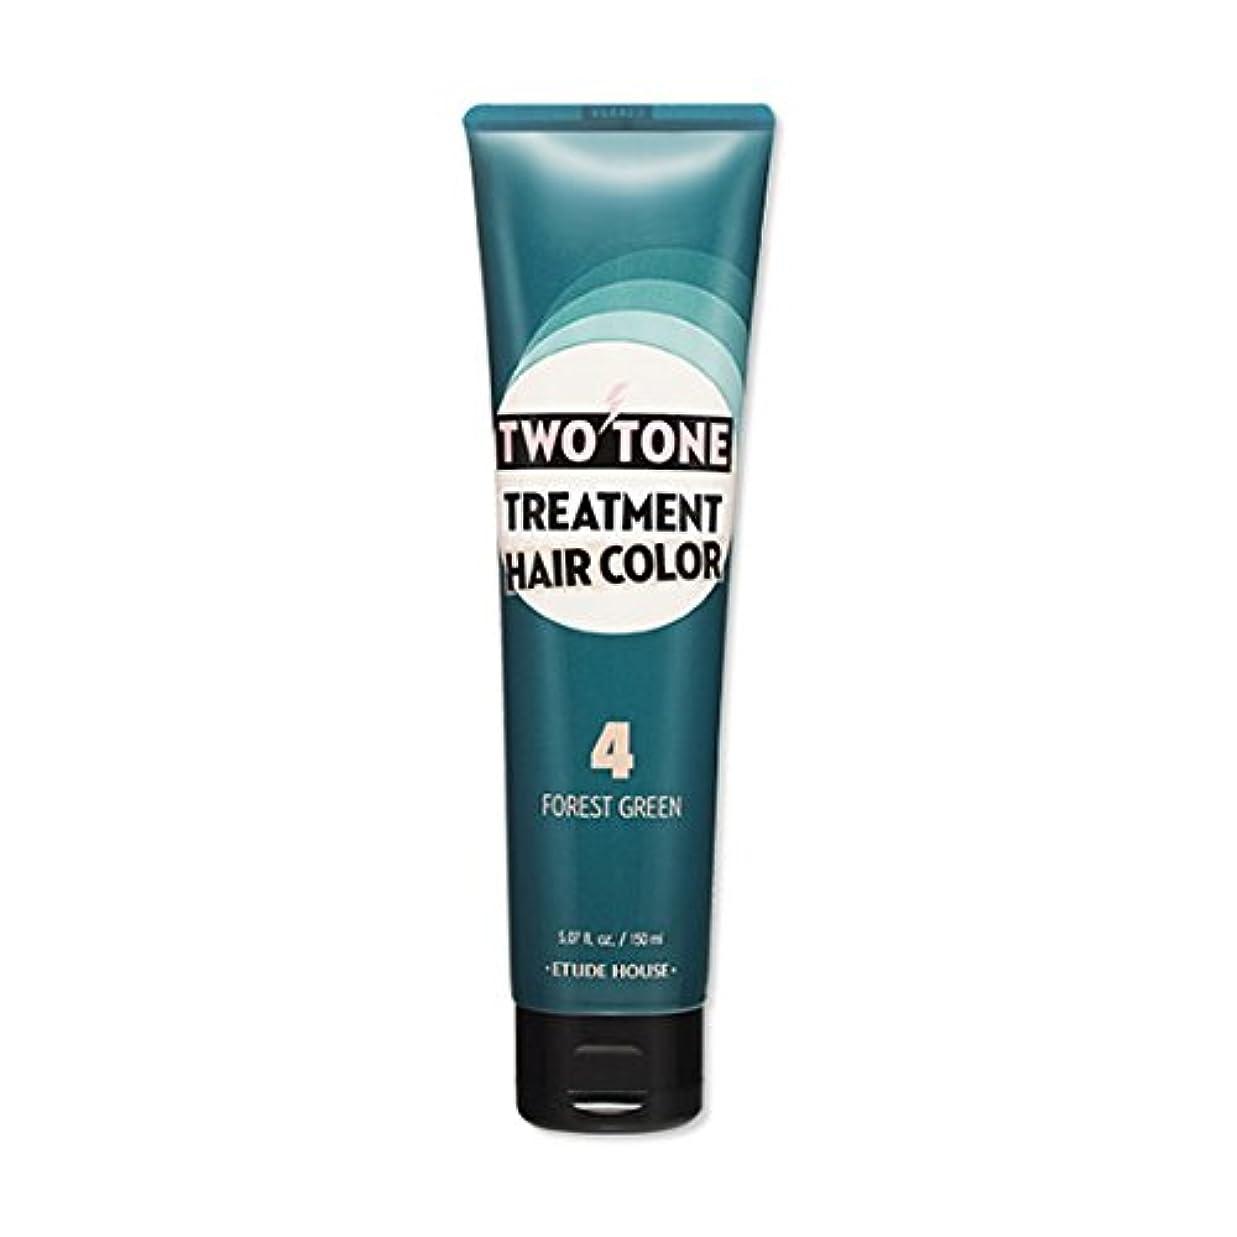 代表意味するスリットETUDE HOUSE Two Tone Treatment Hair Color 4.FOREST GREEN / エチュードハウス ツートントリートメントヘアカラー150ml (4.FOREST GREEN) [並行輸入品]